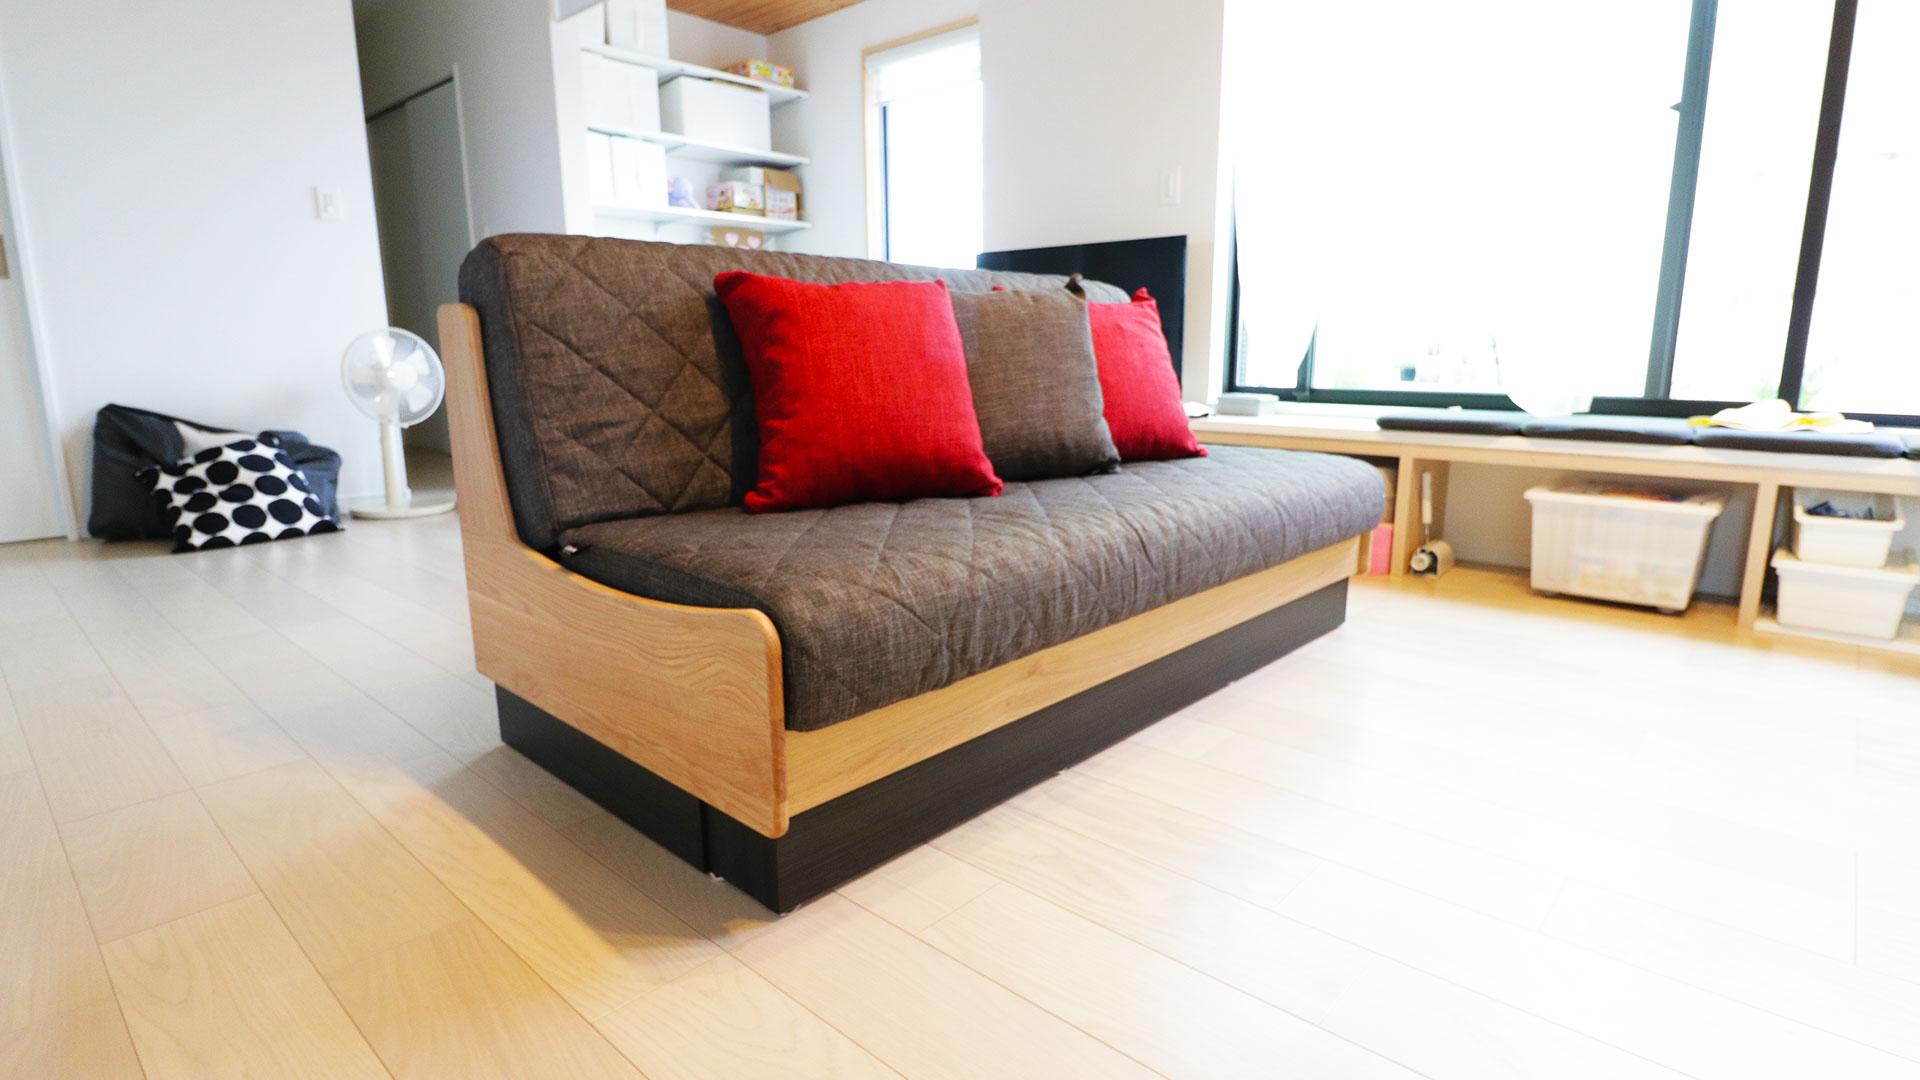 モーブルの横幅160㎝のドロシー。本体の色がNA色でクッションがダークグレーのソファ。リビングの真ん中に設置した時の写真